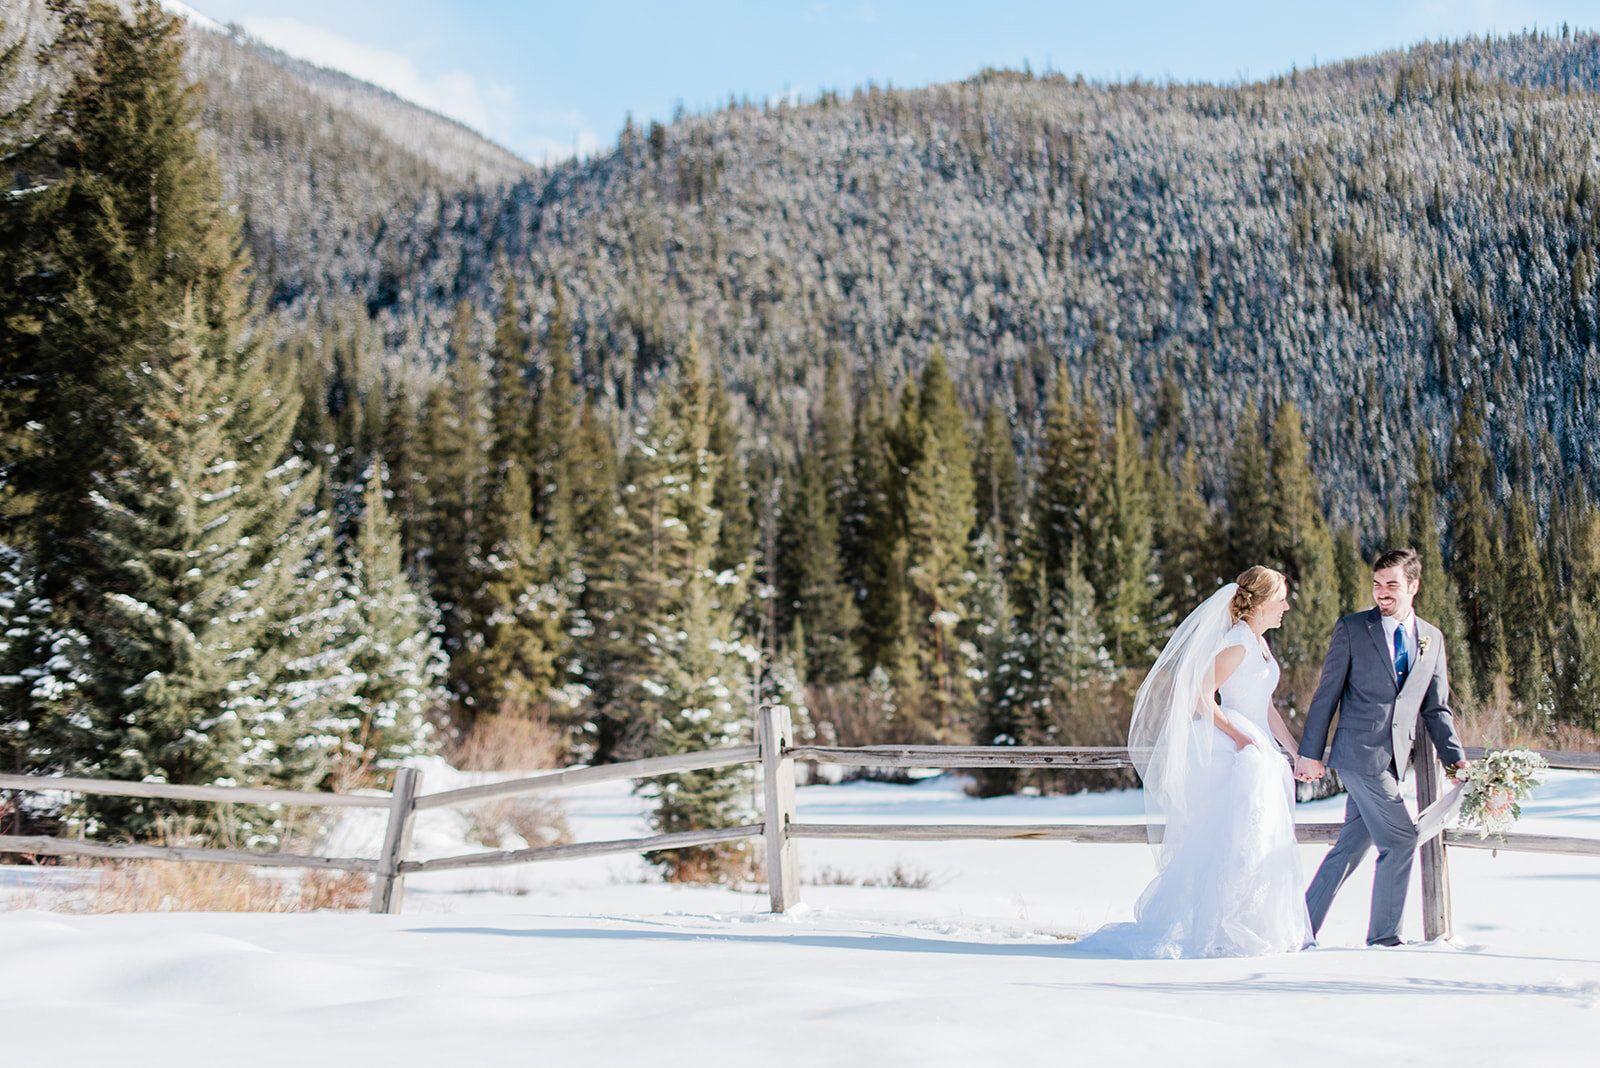 Colorado Winter Wedding Venues in 2020 | Winter wedding ...